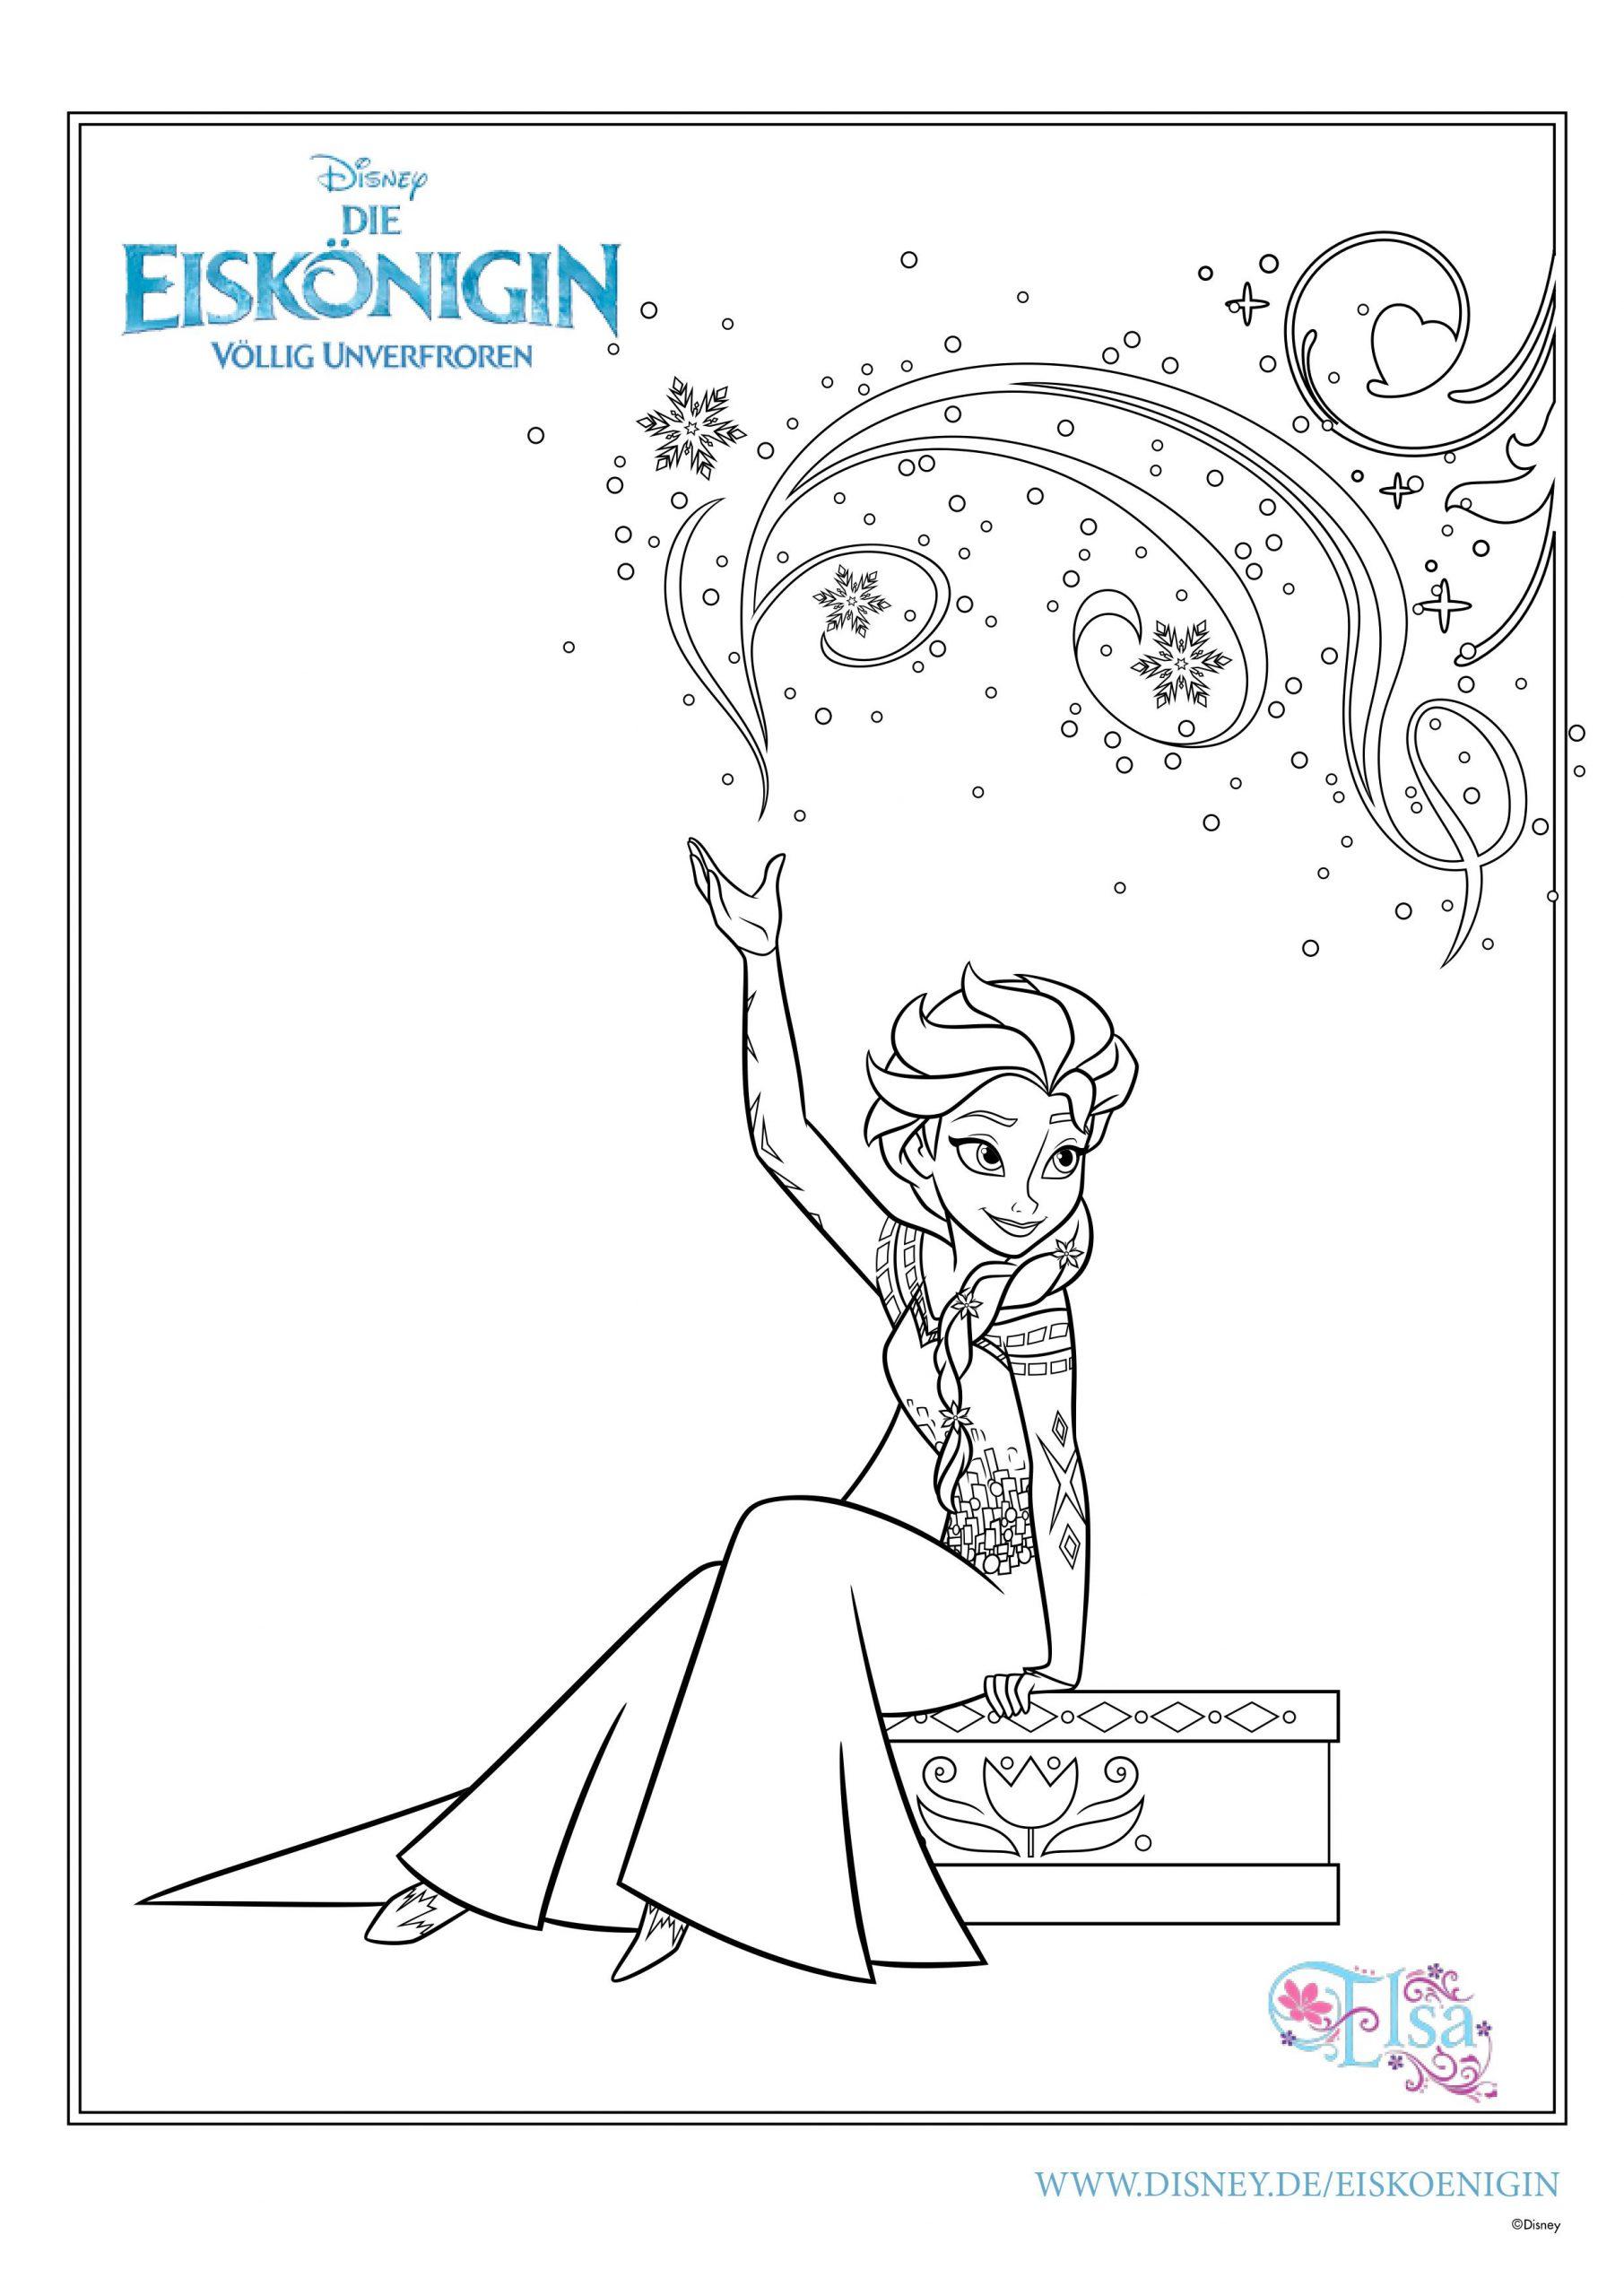 Ausmalbilder Eiskönigin | Mytoys-Blog ganzes Ausmalbilder Anna Und Elsa